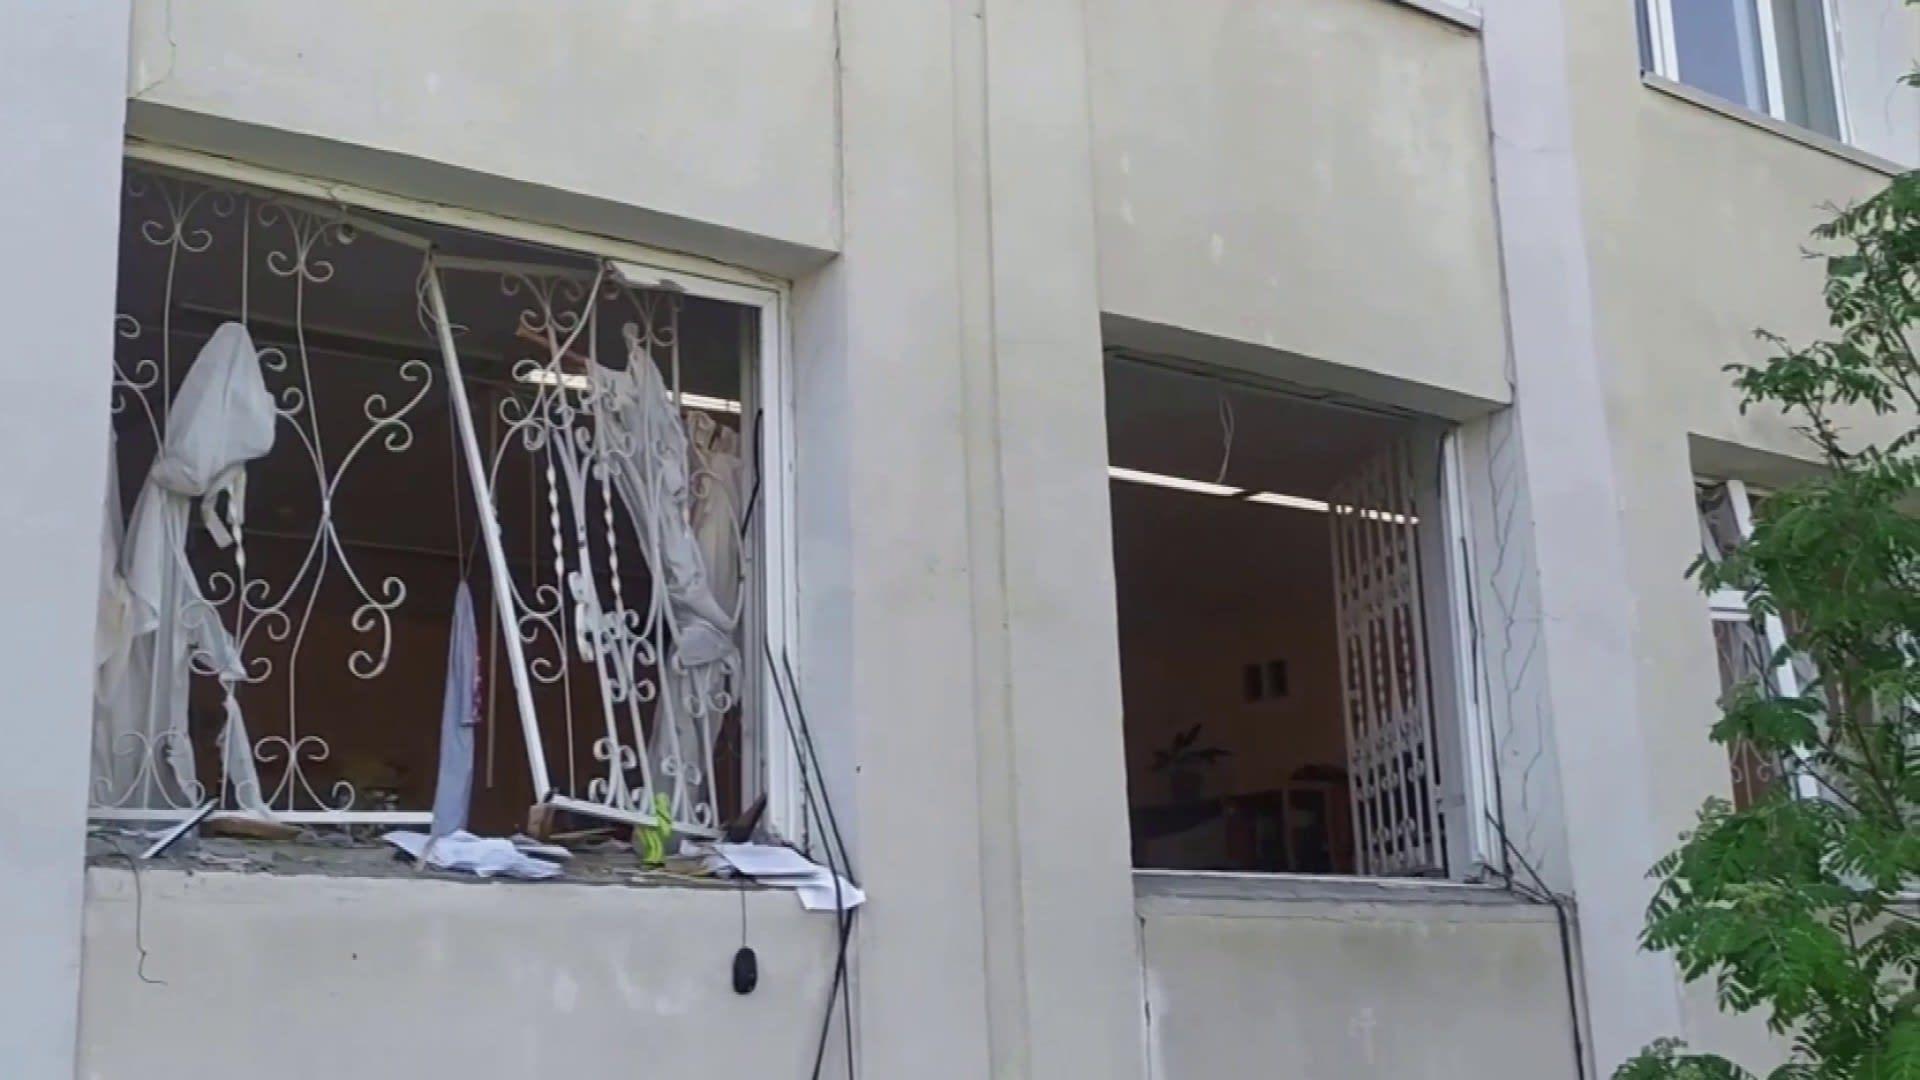 Kouluampumisessa Venäjällä kuollut ainakin kahdeksan henkilöä ja useita haavoittunut